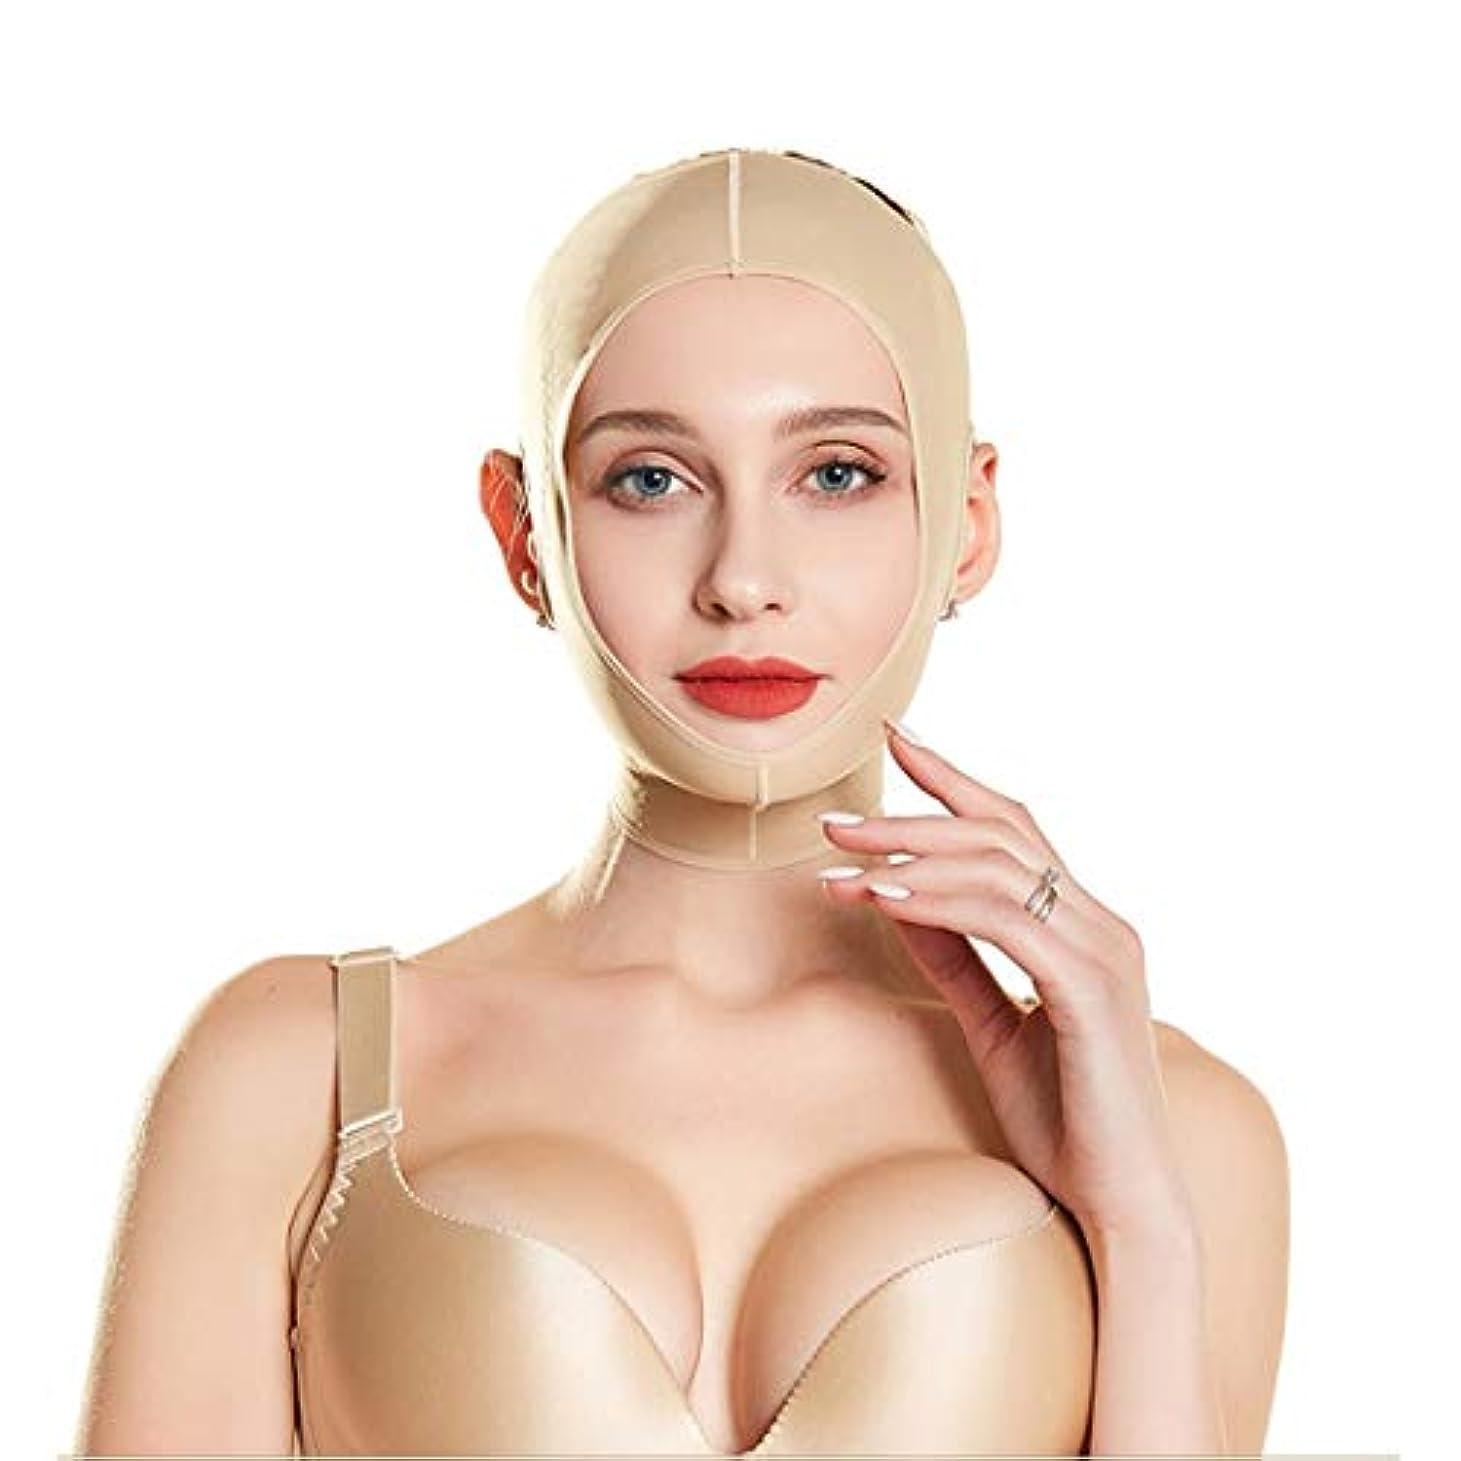 やめる同等の手数料ZWBD フェイスマスク, フェイスリフティング包帯医療美容スキンフェイスカービングスモールVフェイスアーティファクトシェーピングリフティングフェイスカービングセットフェイスマスク美容フェードシワ (Size : M)